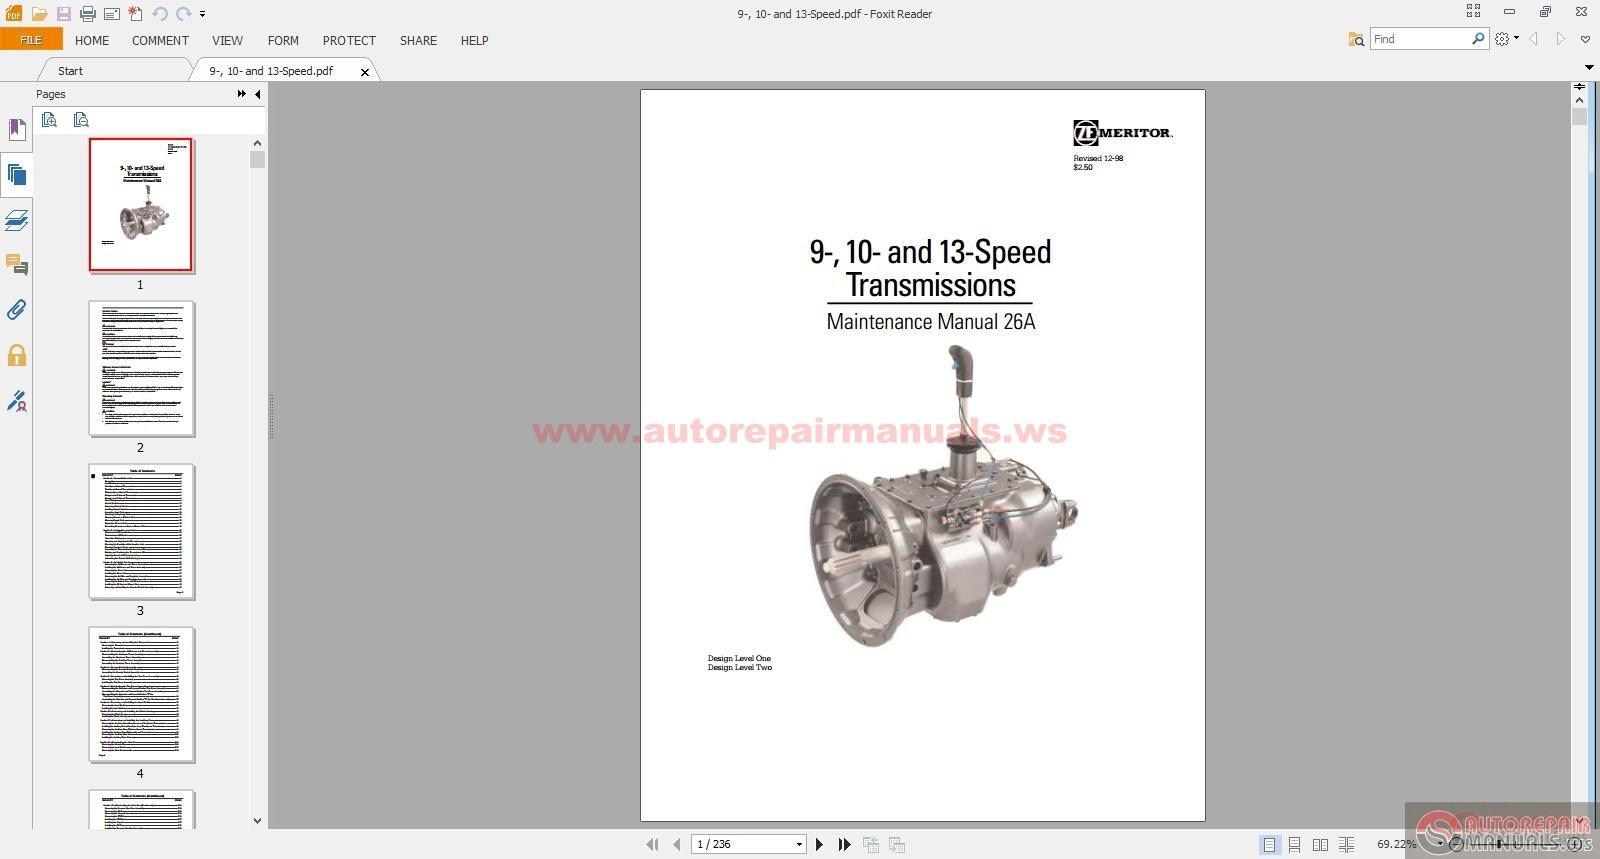 meritor transmission wiring diagram international wiring diagram Meritor Parts Manual meritor transmission wiring diagram